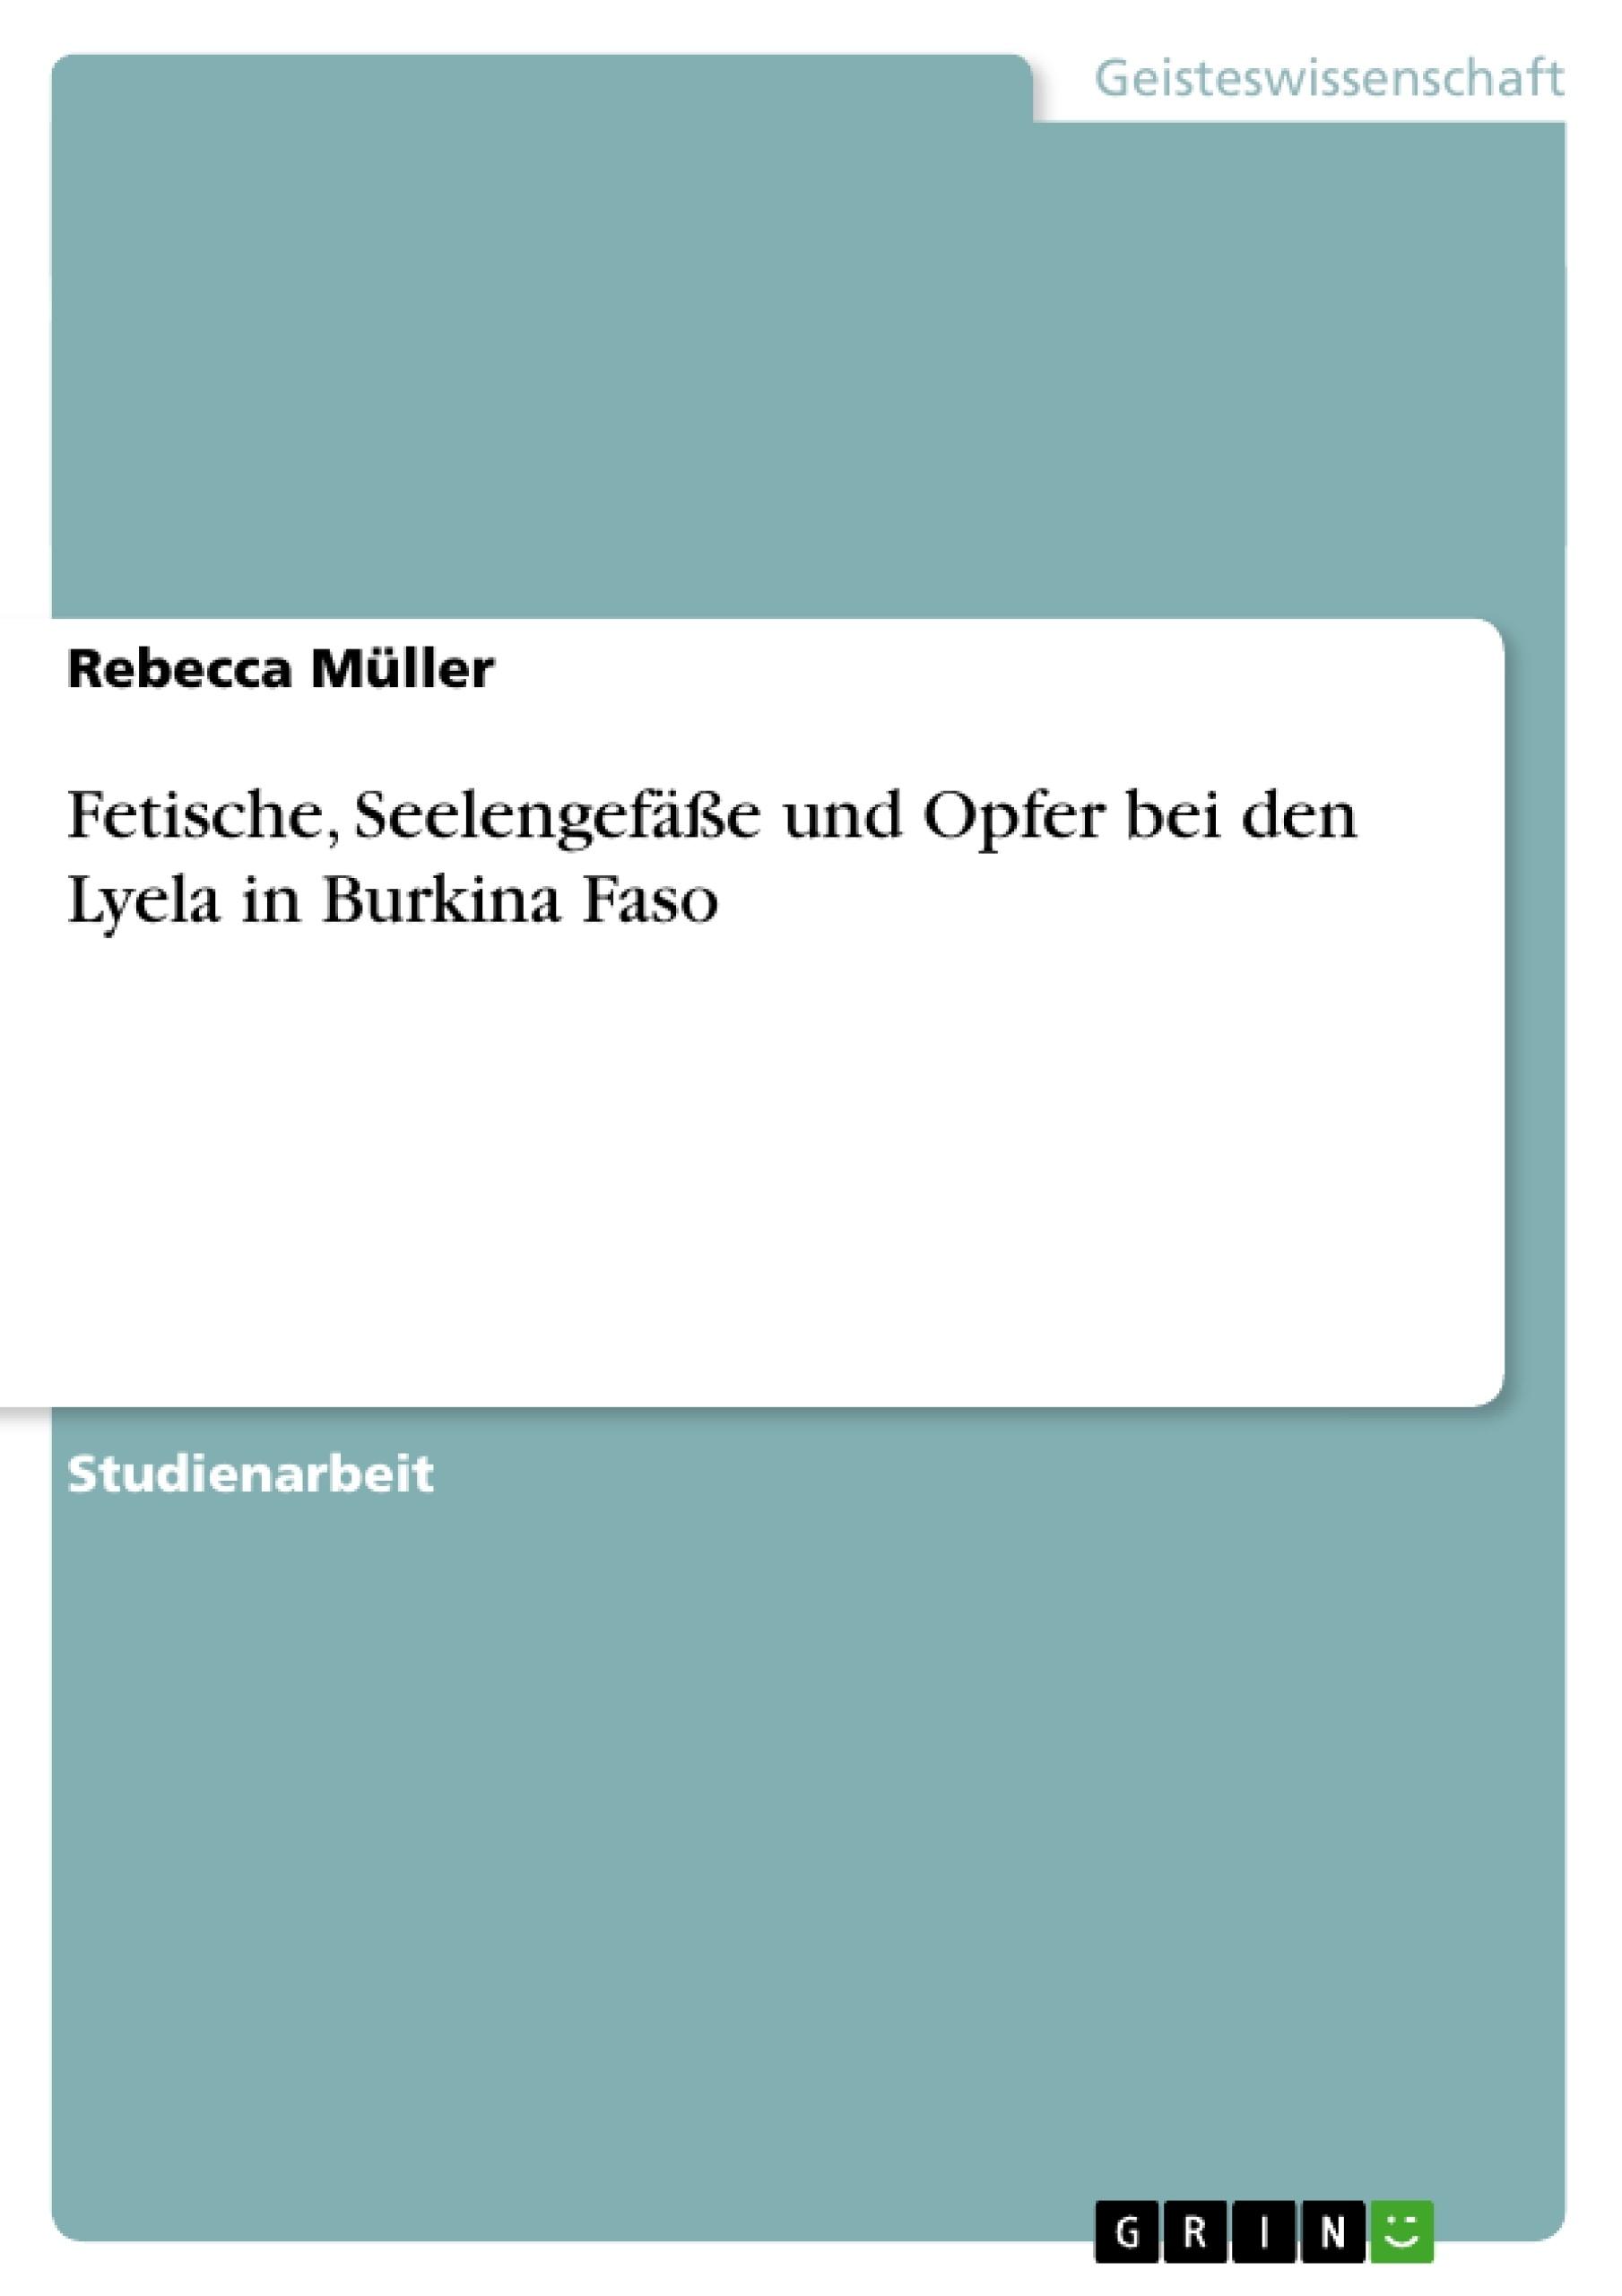 Titel: Fetische, Seelengefäße und Opfer bei den Lyela in Burkina Faso